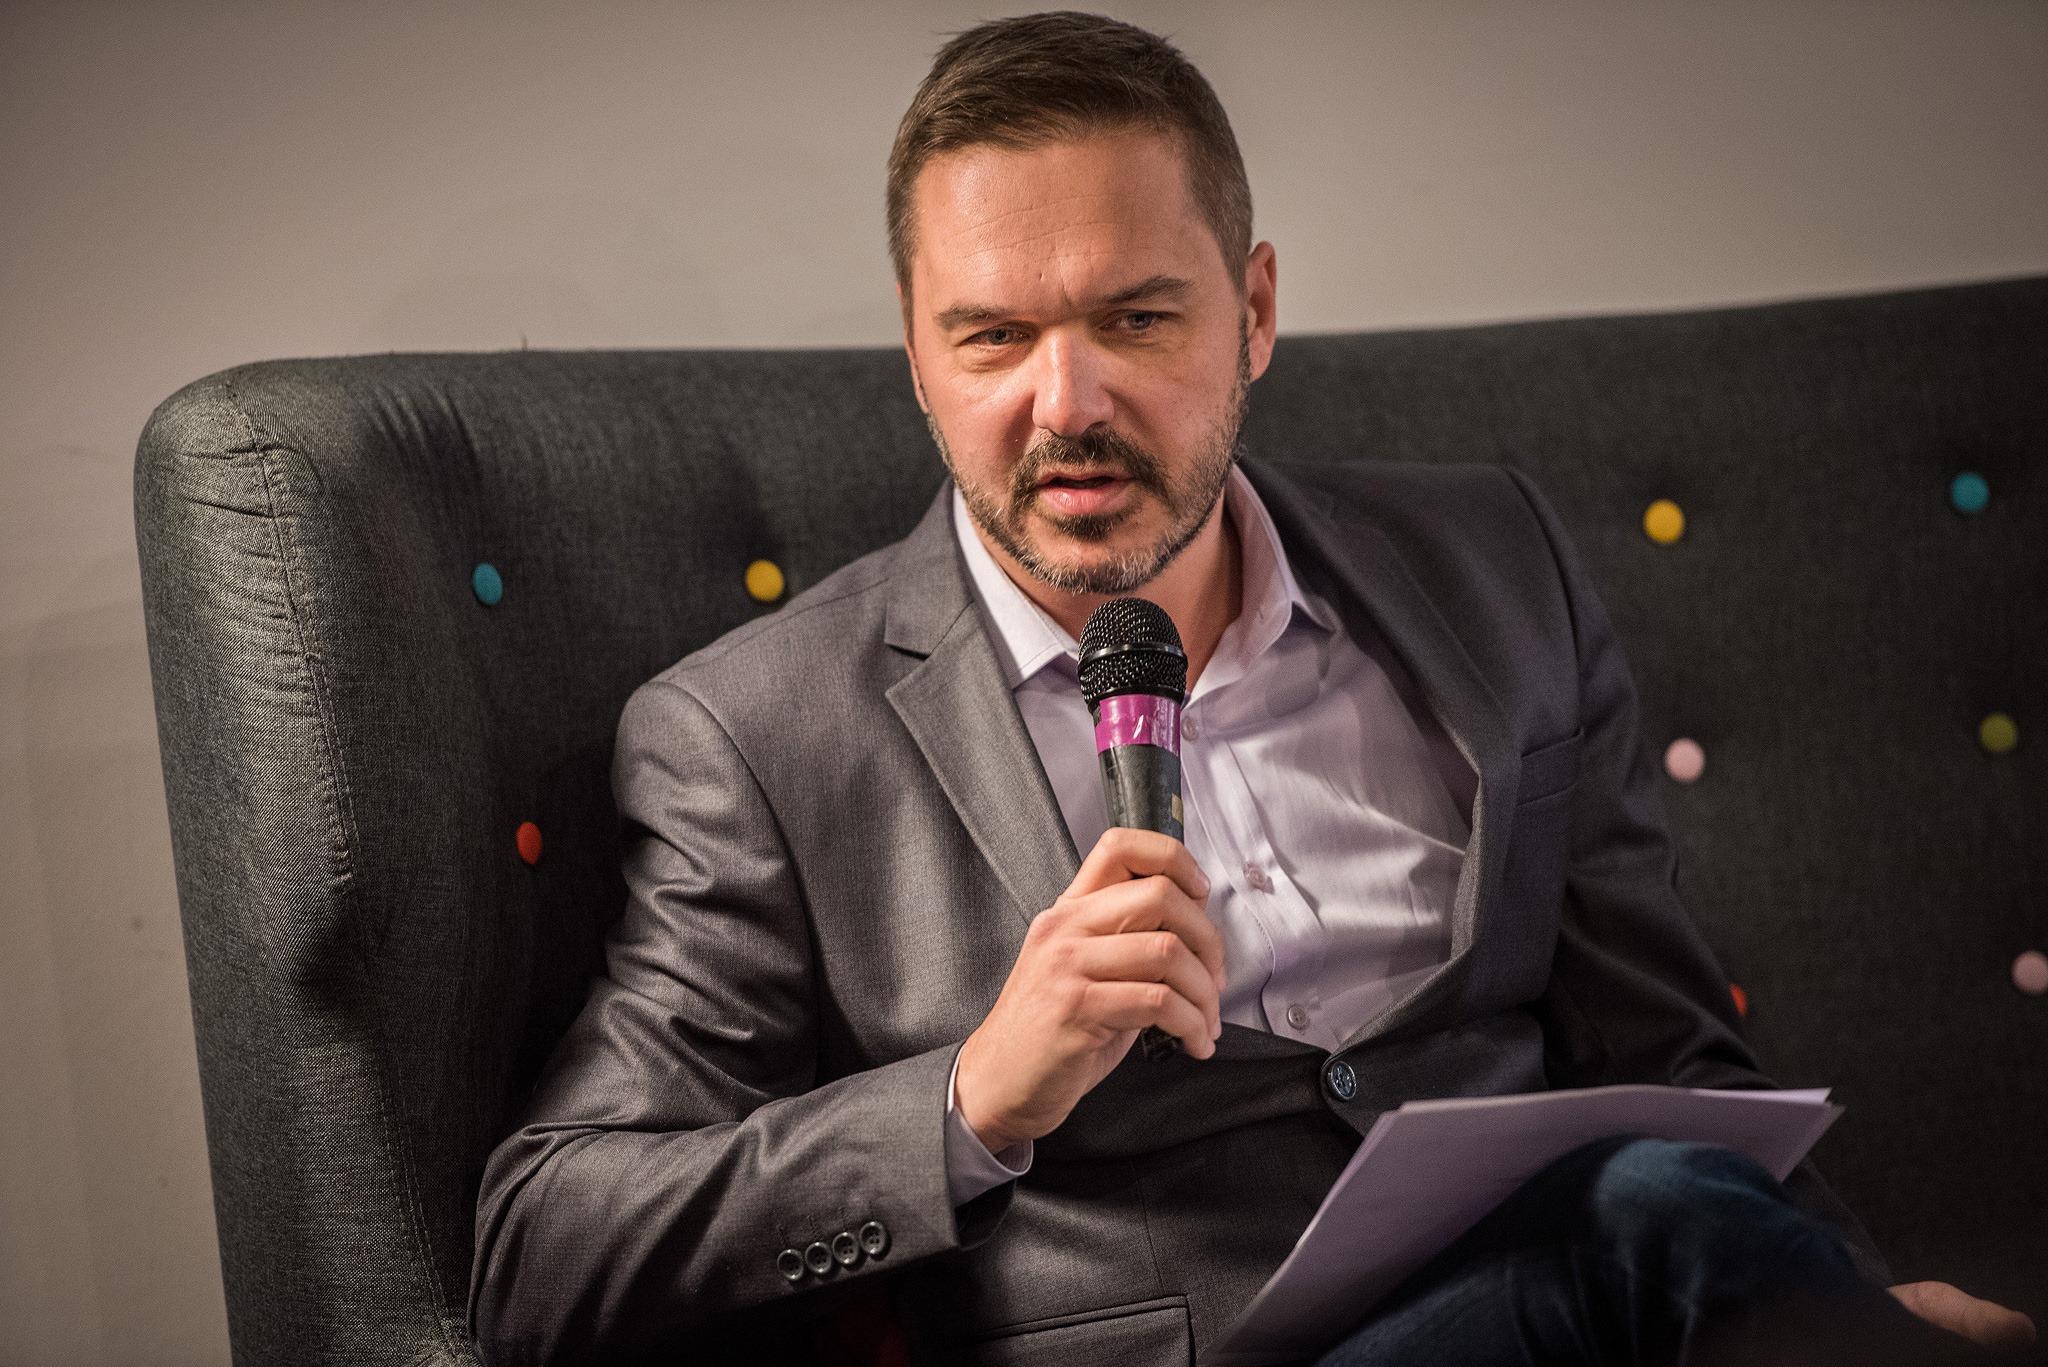 Petar Štefanić: Čitanje je zaborav banalnosti u kojoj svakodnevno funkcioniram